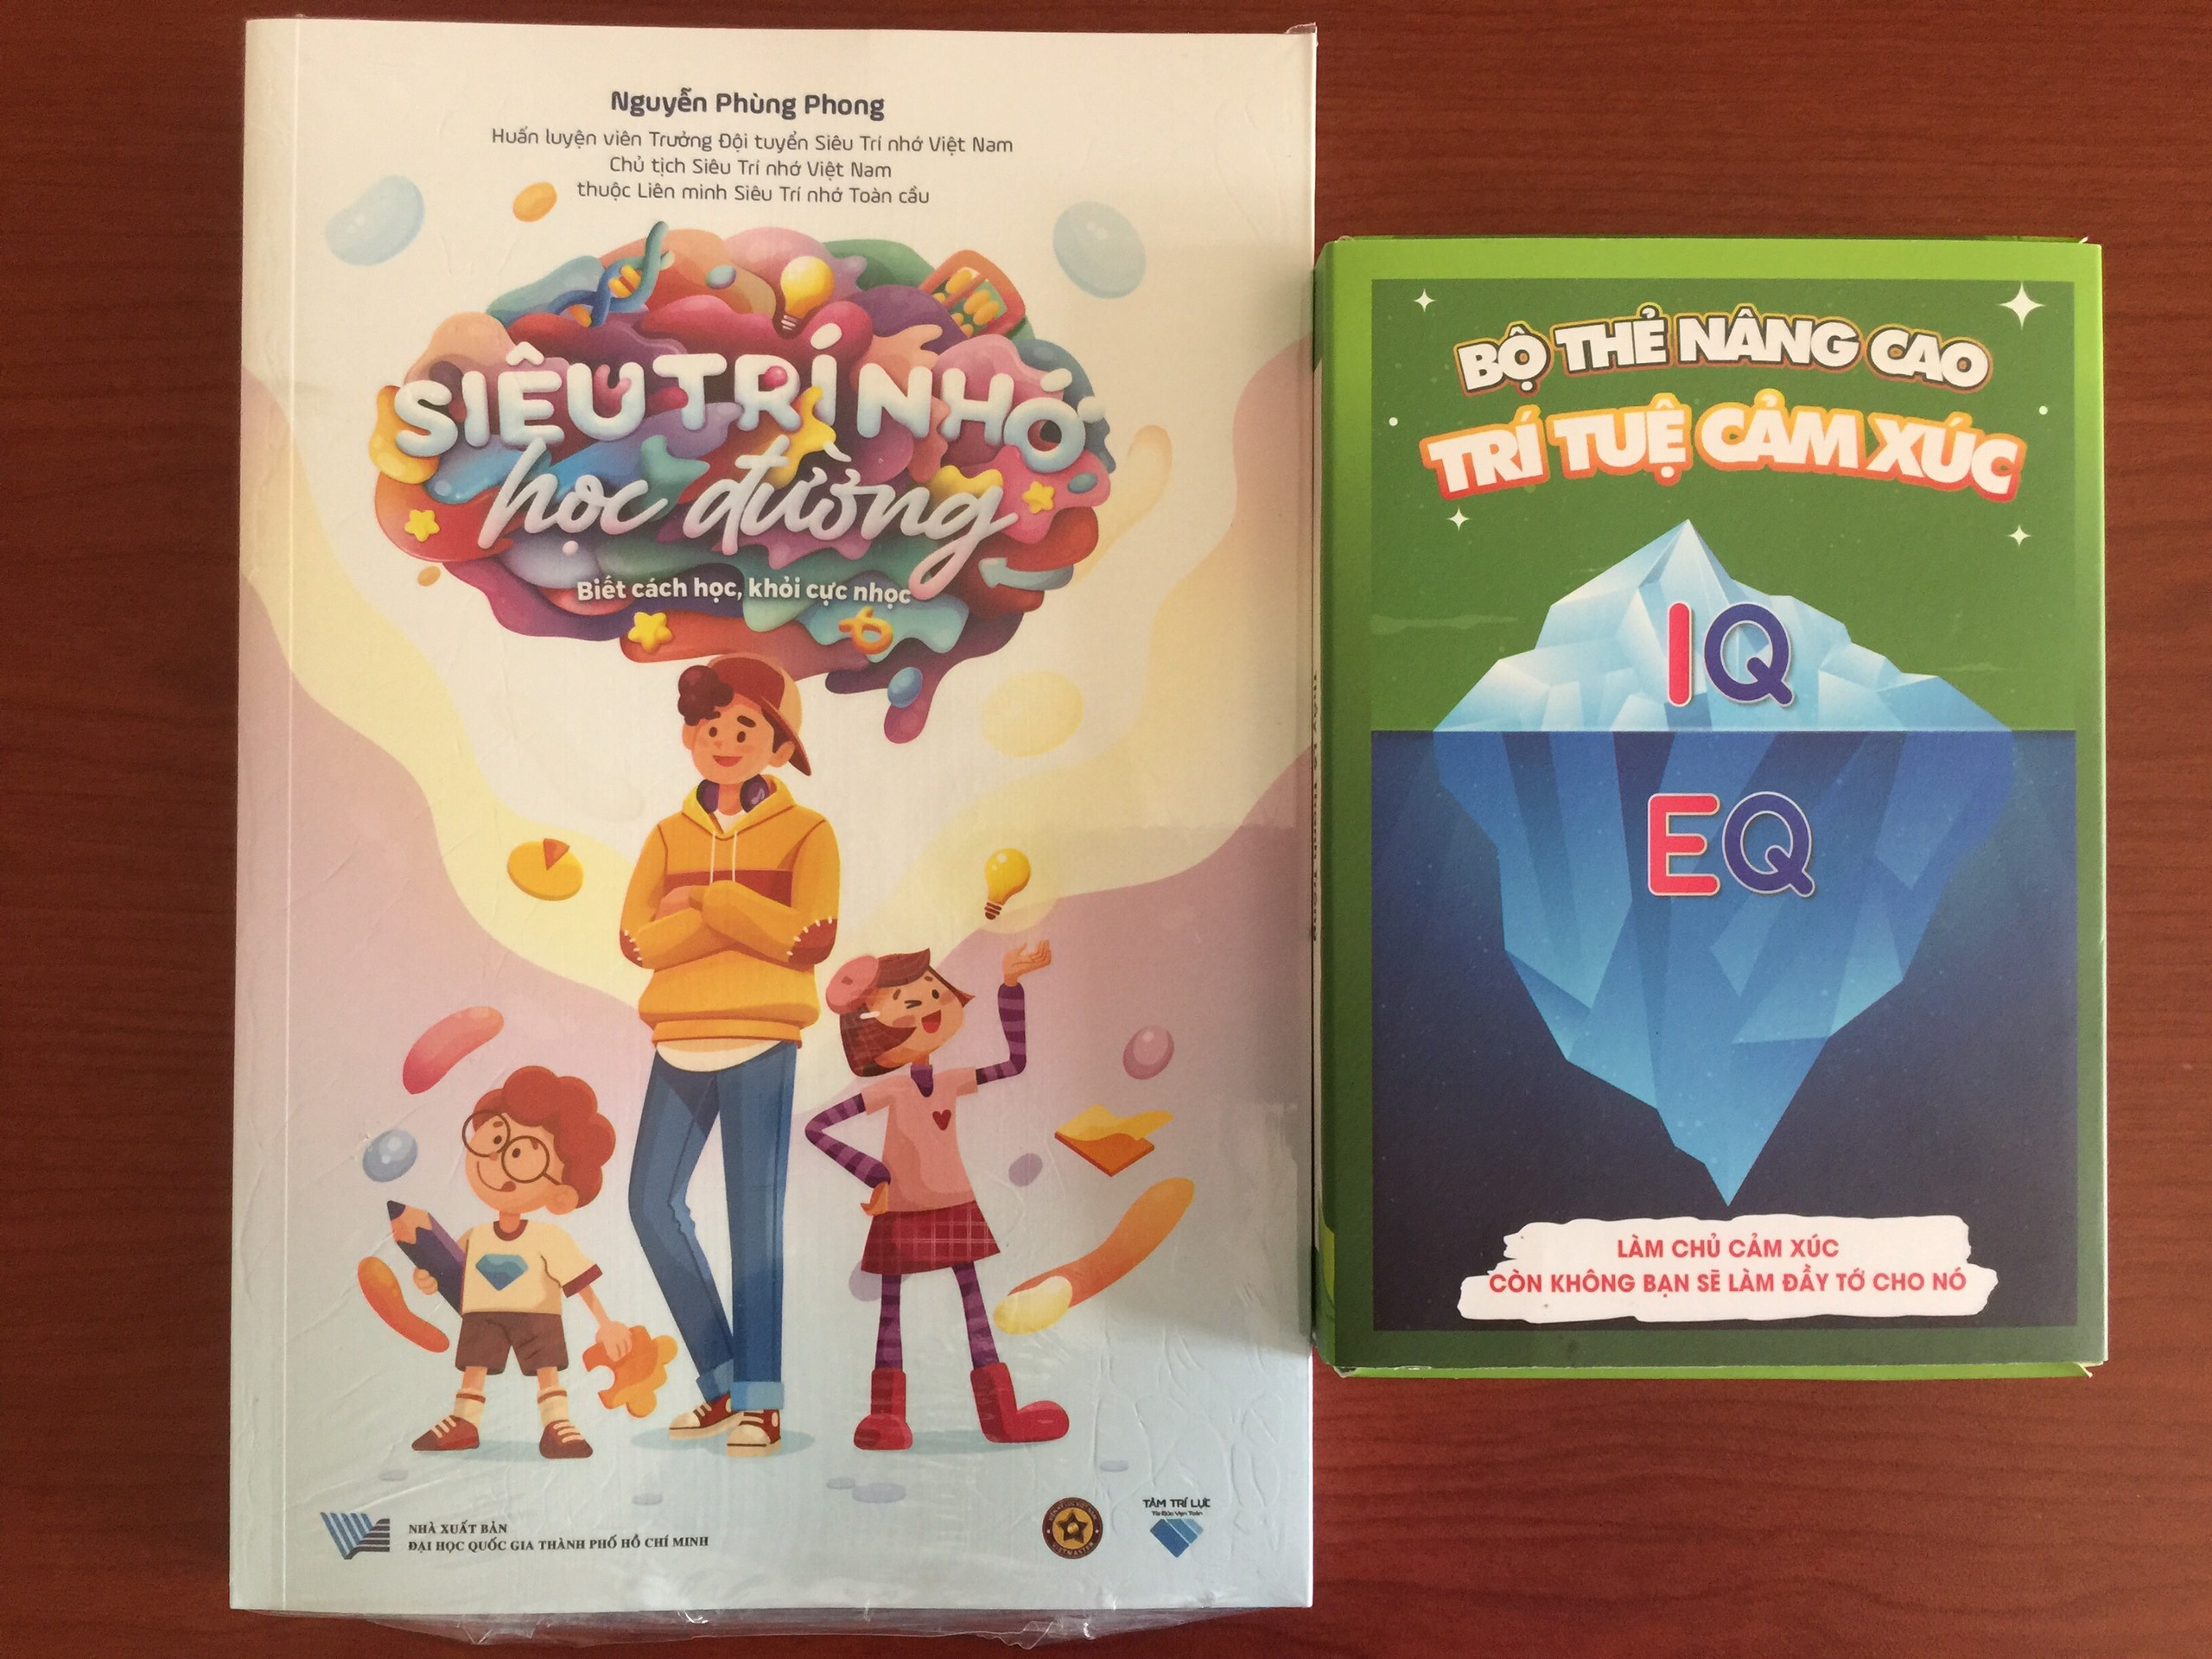 Mua Bộ thẻ nâng cao EQ tặng sách Siêu Trí Nhớ Học Đường